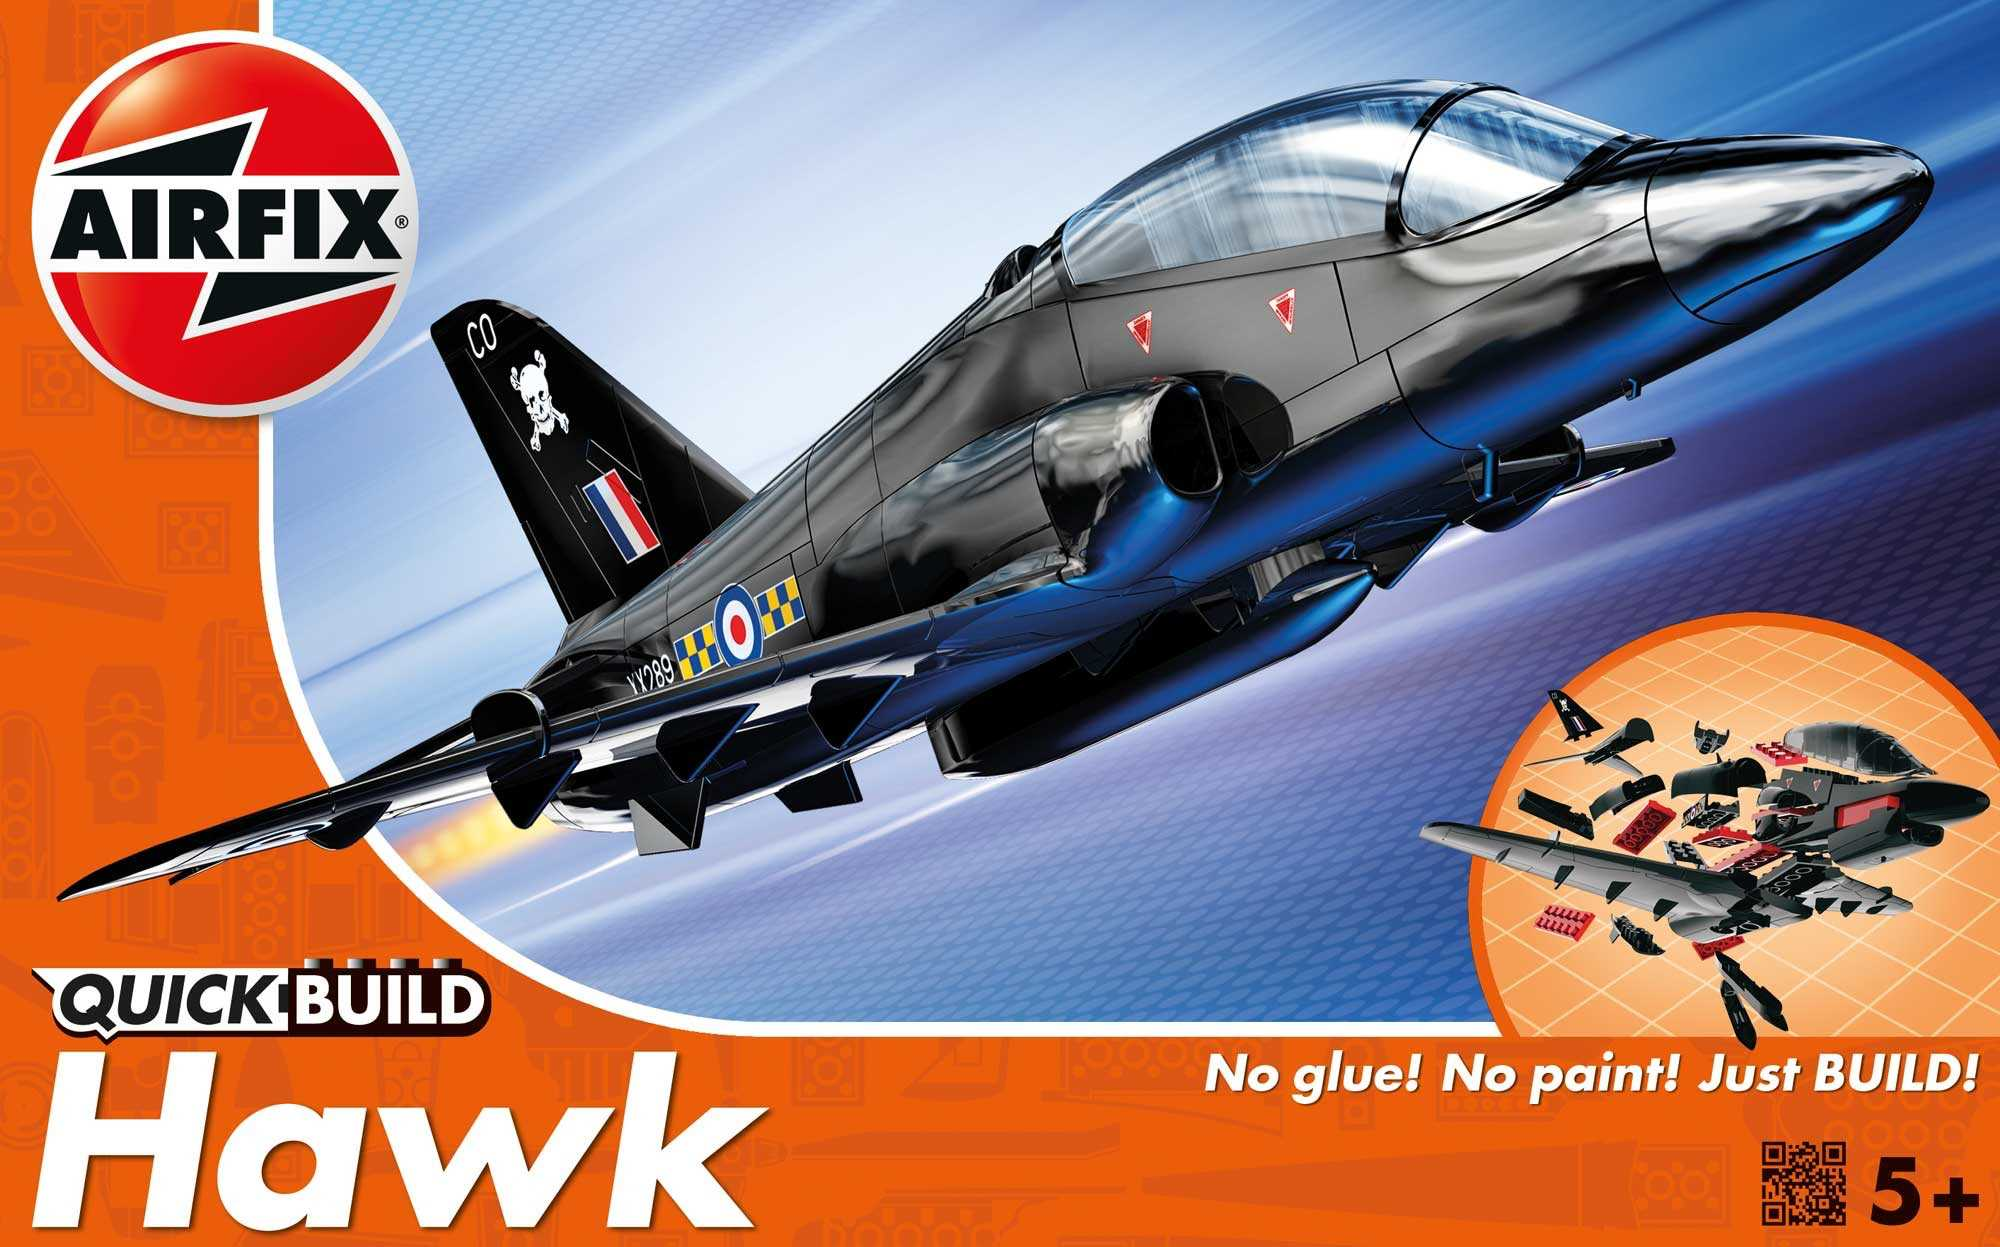 QUICK BUILD Hawk